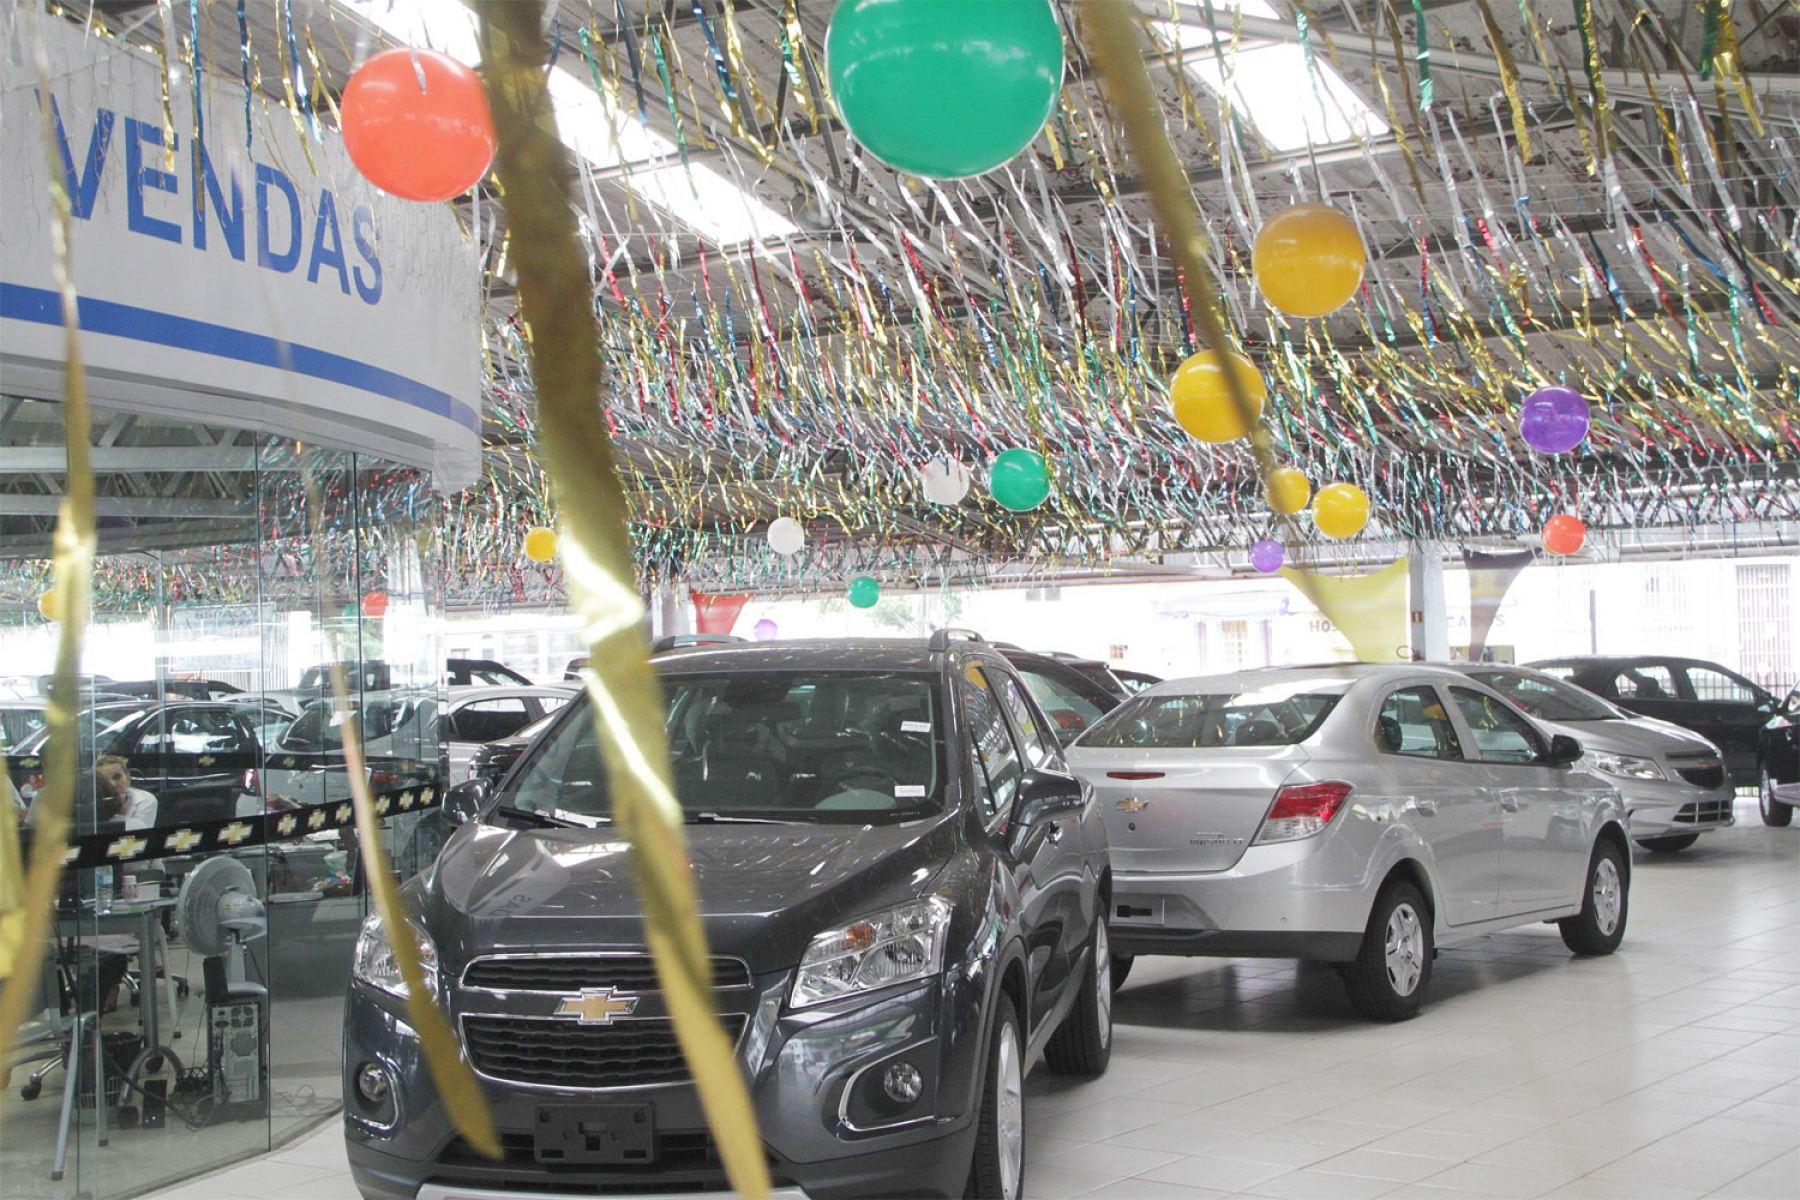 Venda de veículos despenca 21,8% no Pará